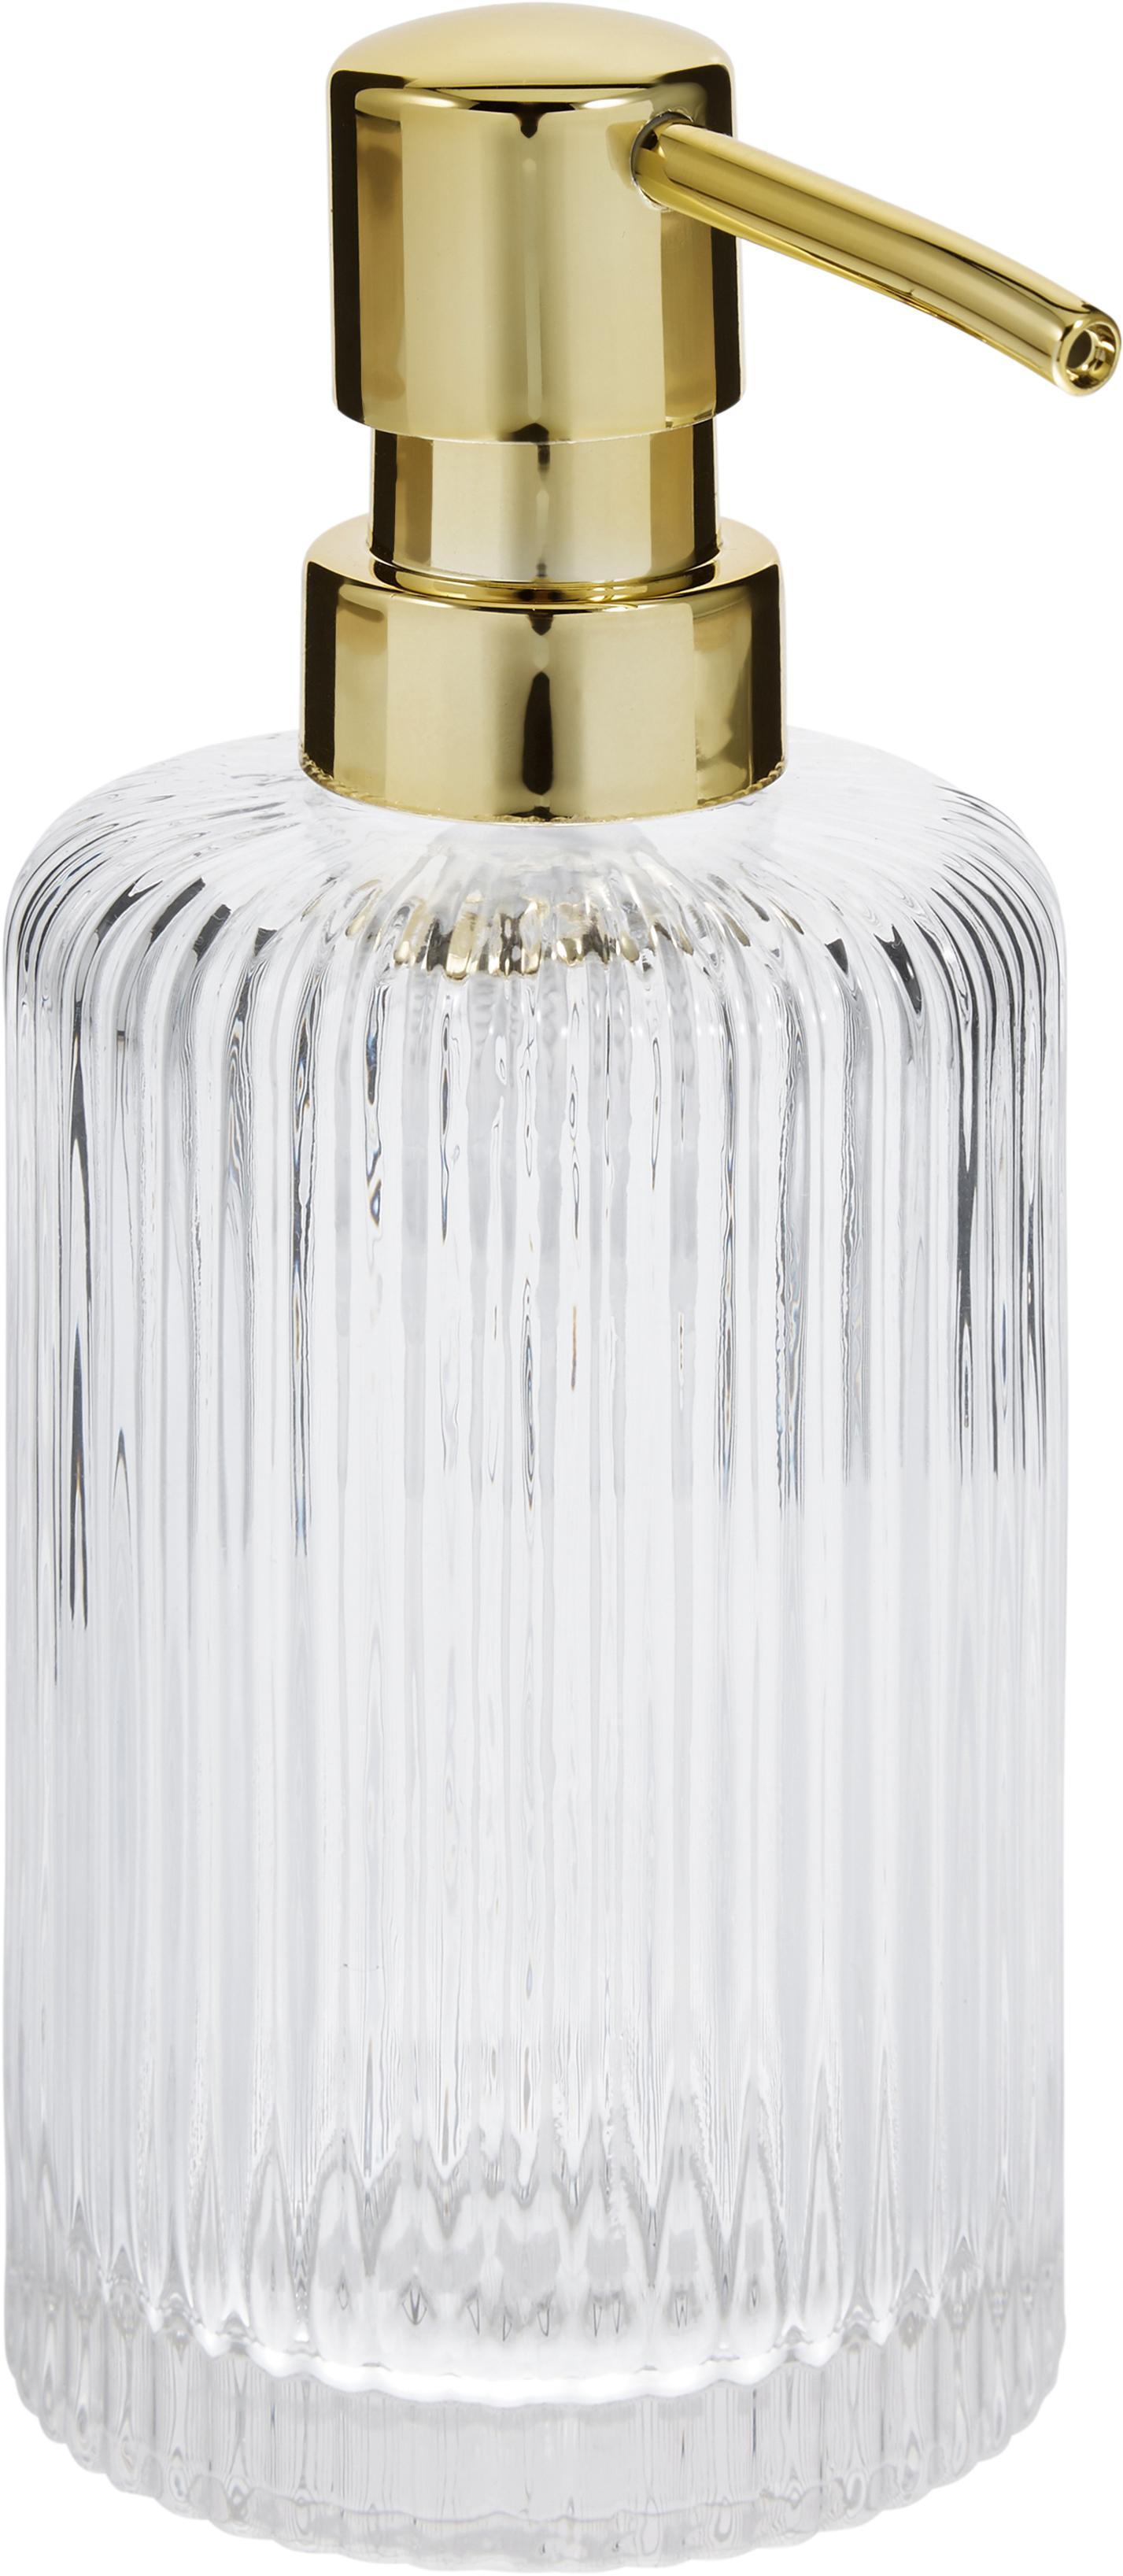 Dosificador de jabón Gulji, Recipiente: vidrio, Dosificador: plástico, Transparente, dorado, Ø 7 x Al 17 cm